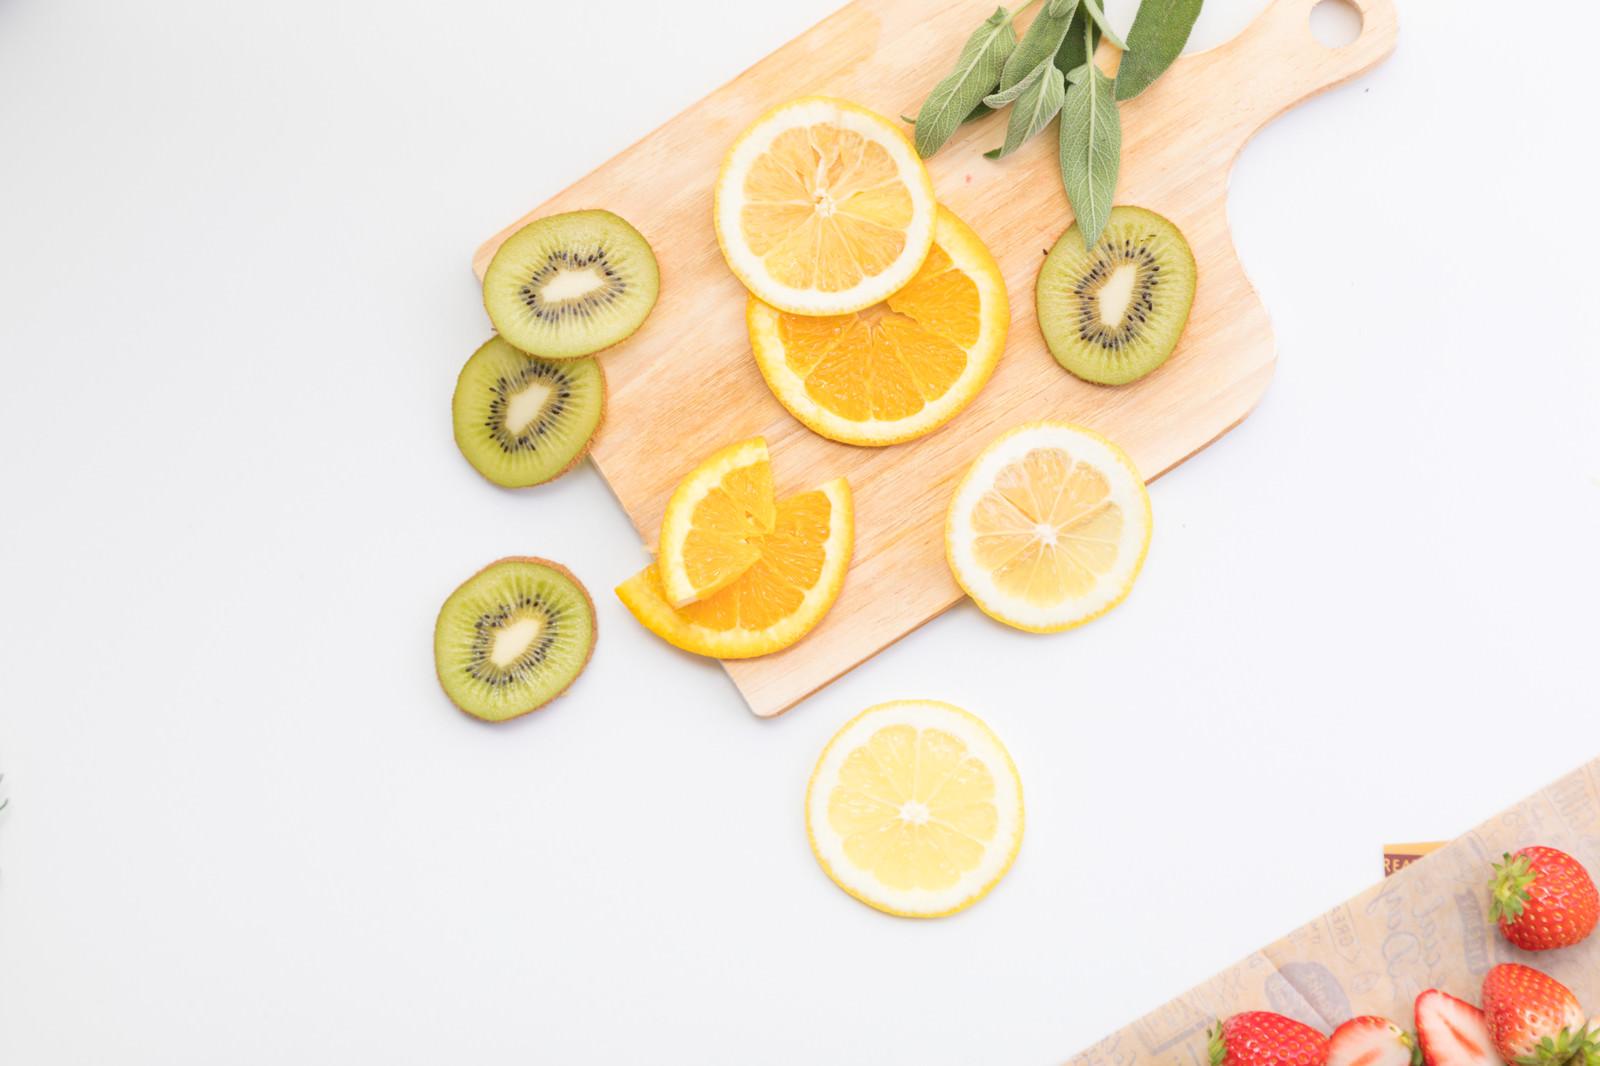 「スライスした三種のフルーツ」の写真